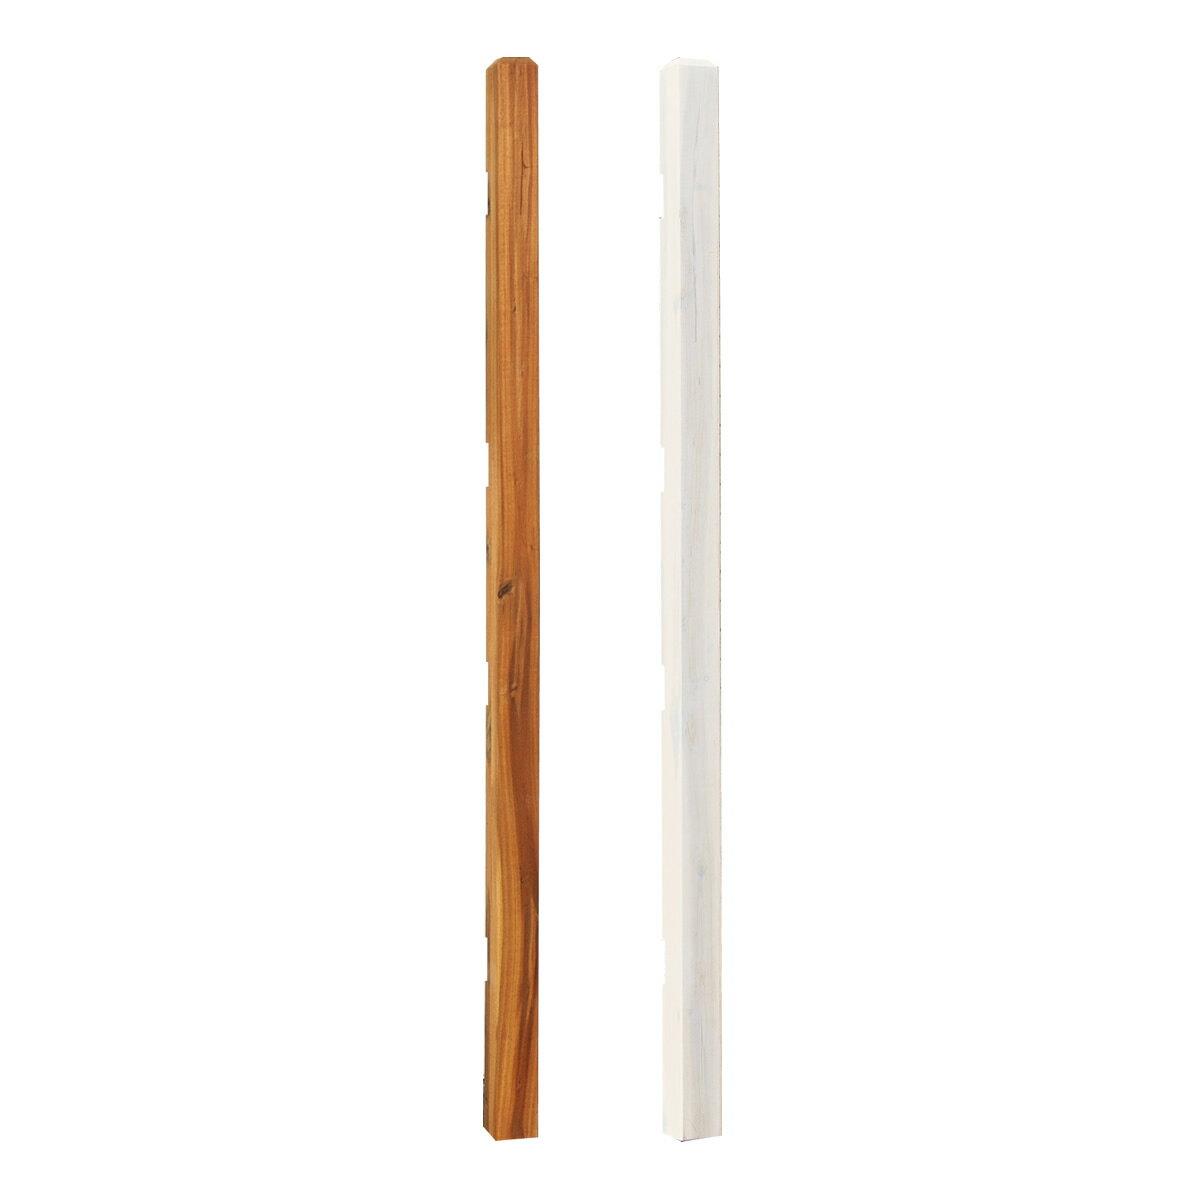 【在庫限りで販売終了予定です:再入荷予定無し】 木製 フェンス ボーダーフェンス アカシア用 ポール ハイタイプ 高さ176cm 支柱単品1本 DIY ウッドフェンス 柱 外構フェンス akbp-74176